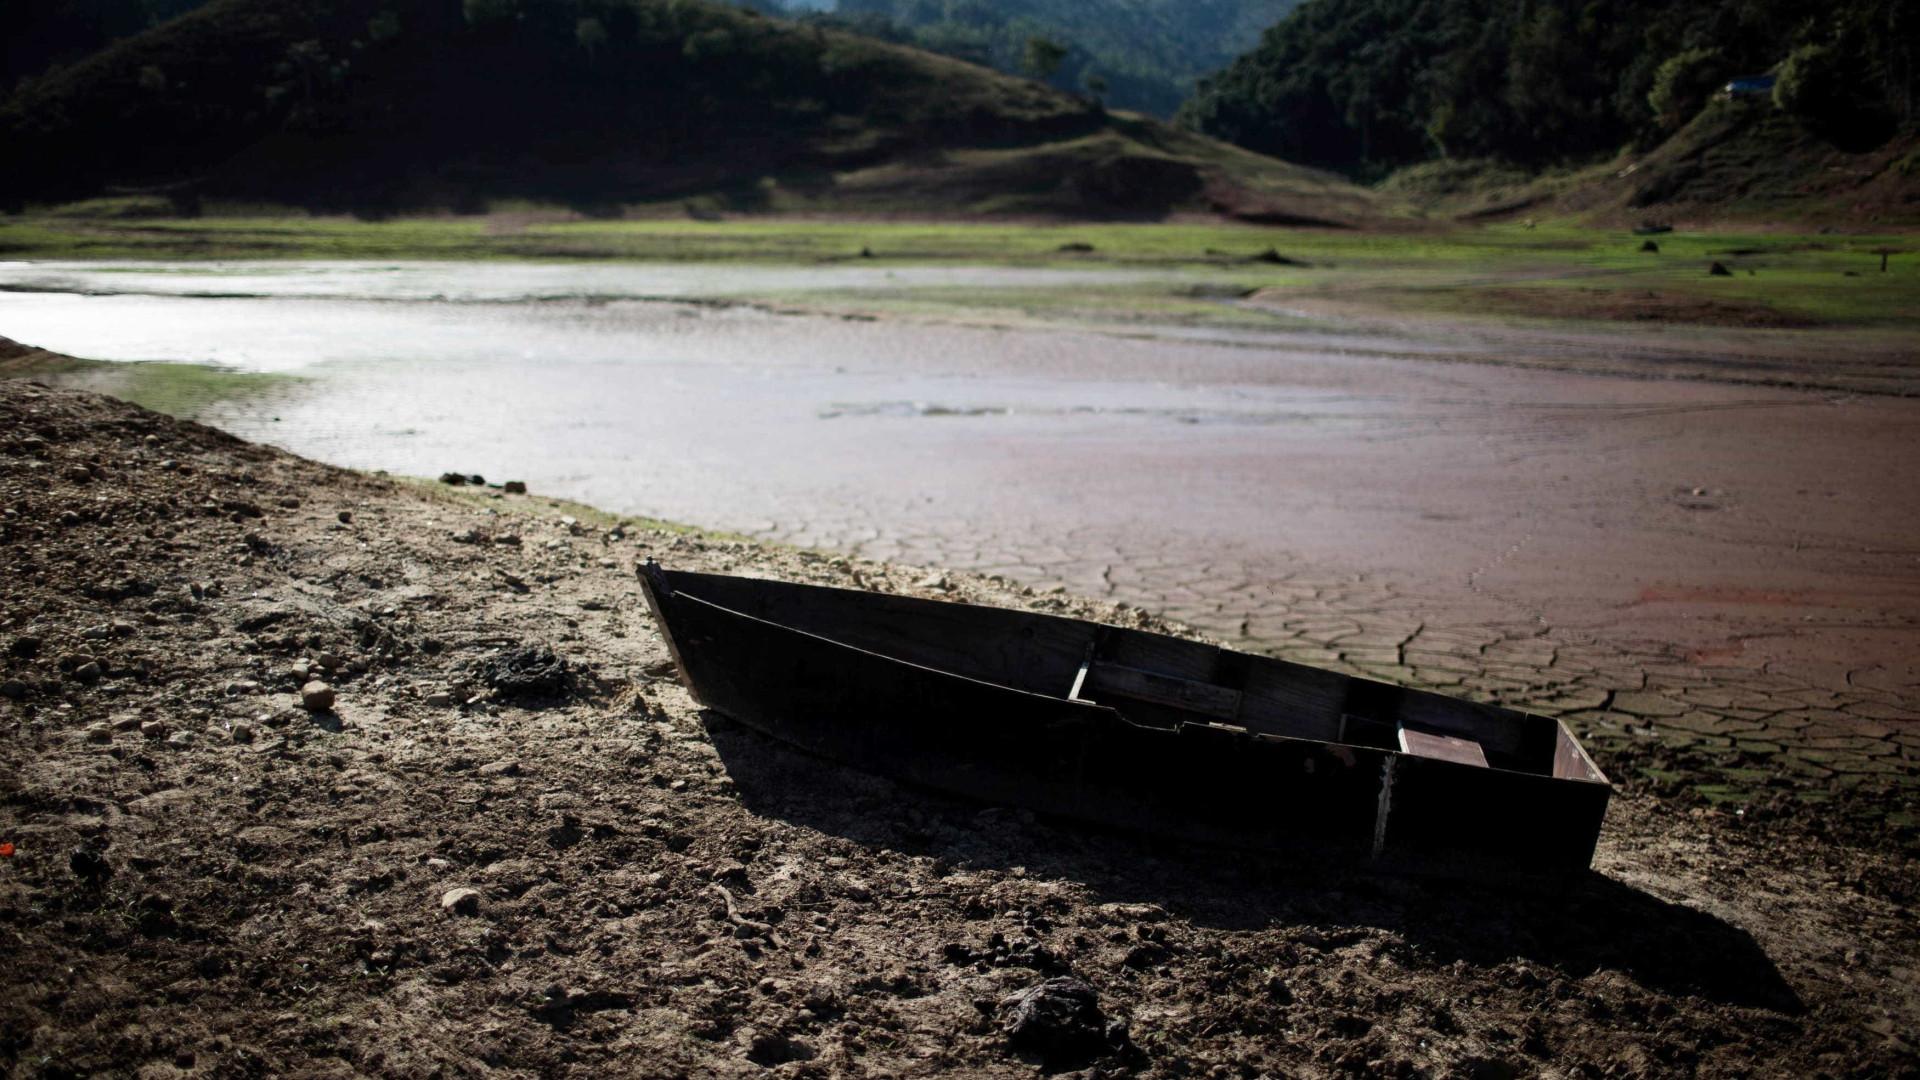 Fevereiro não teve seca extrema pela primeira vez desde 2015